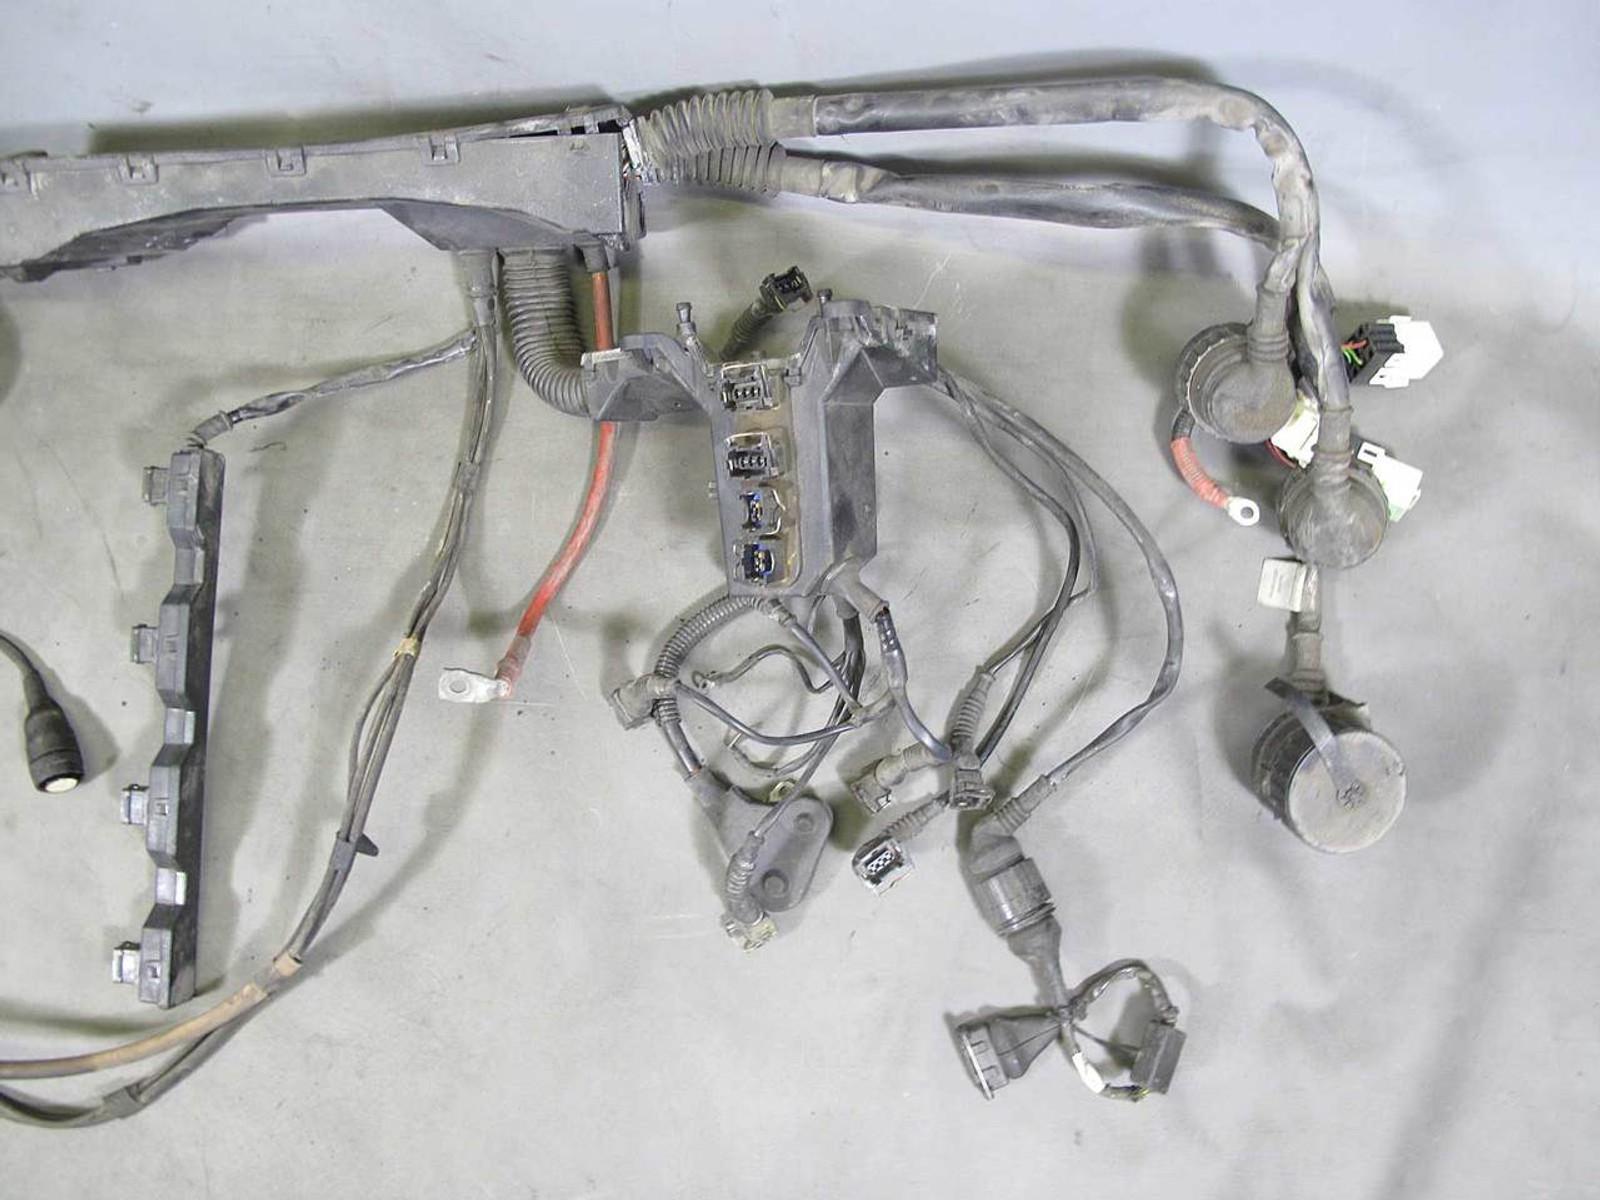 Bmw 318i Engine Wiring : 1995 bmw e36 318i m42 4 cylinder engine wiring harness ~ A.2002-acura-tl-radio.info Haus und Dekorationen